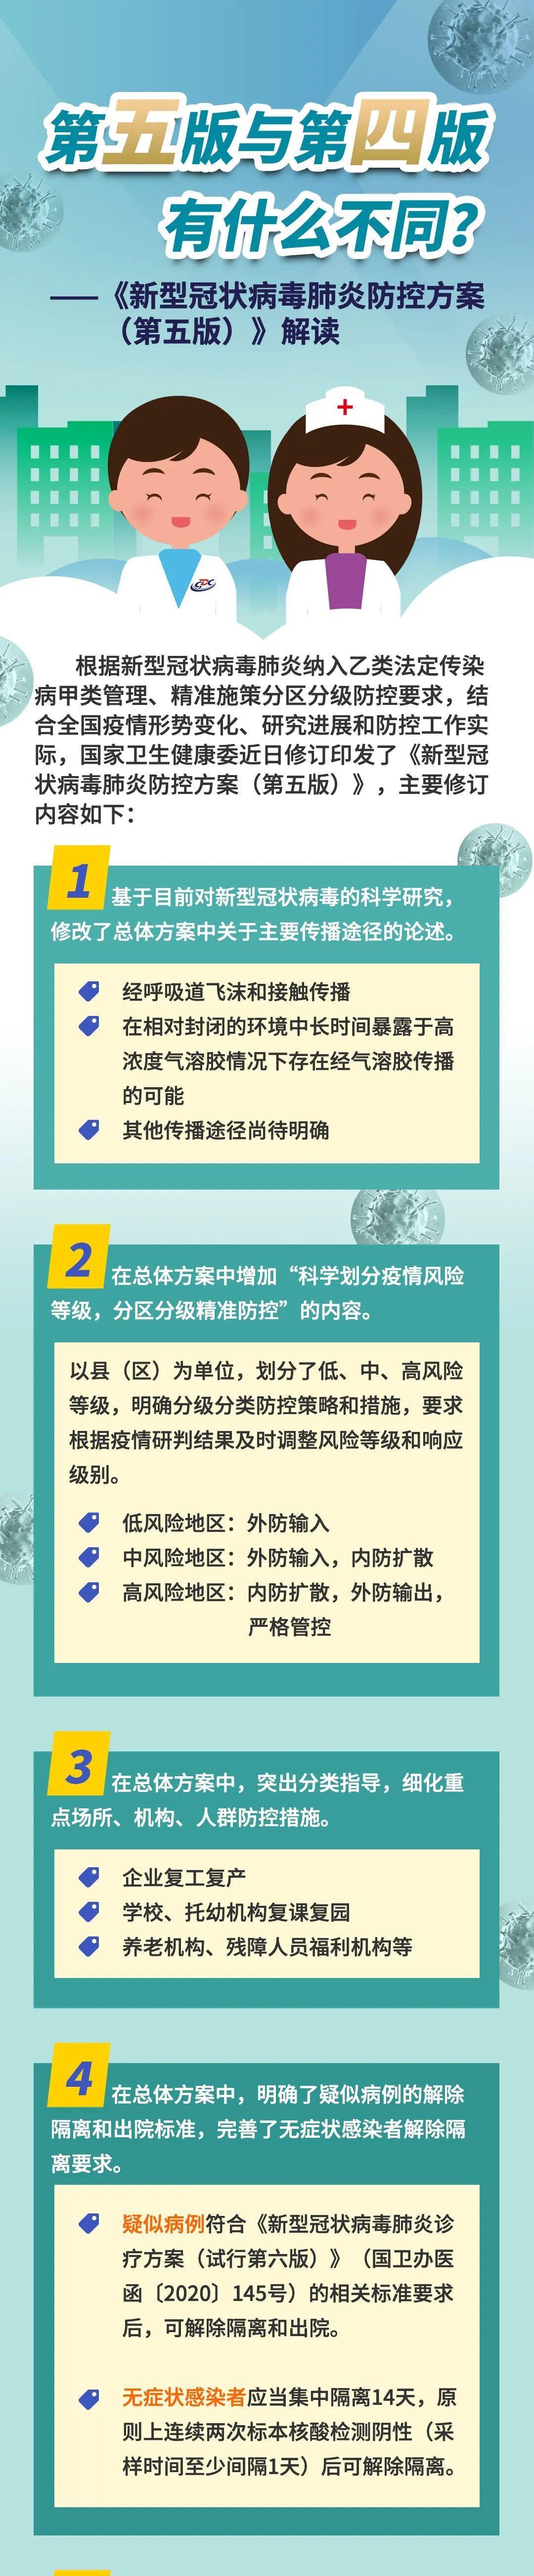 一图读懂:新冠肺炎防控方案第五版的不同之处